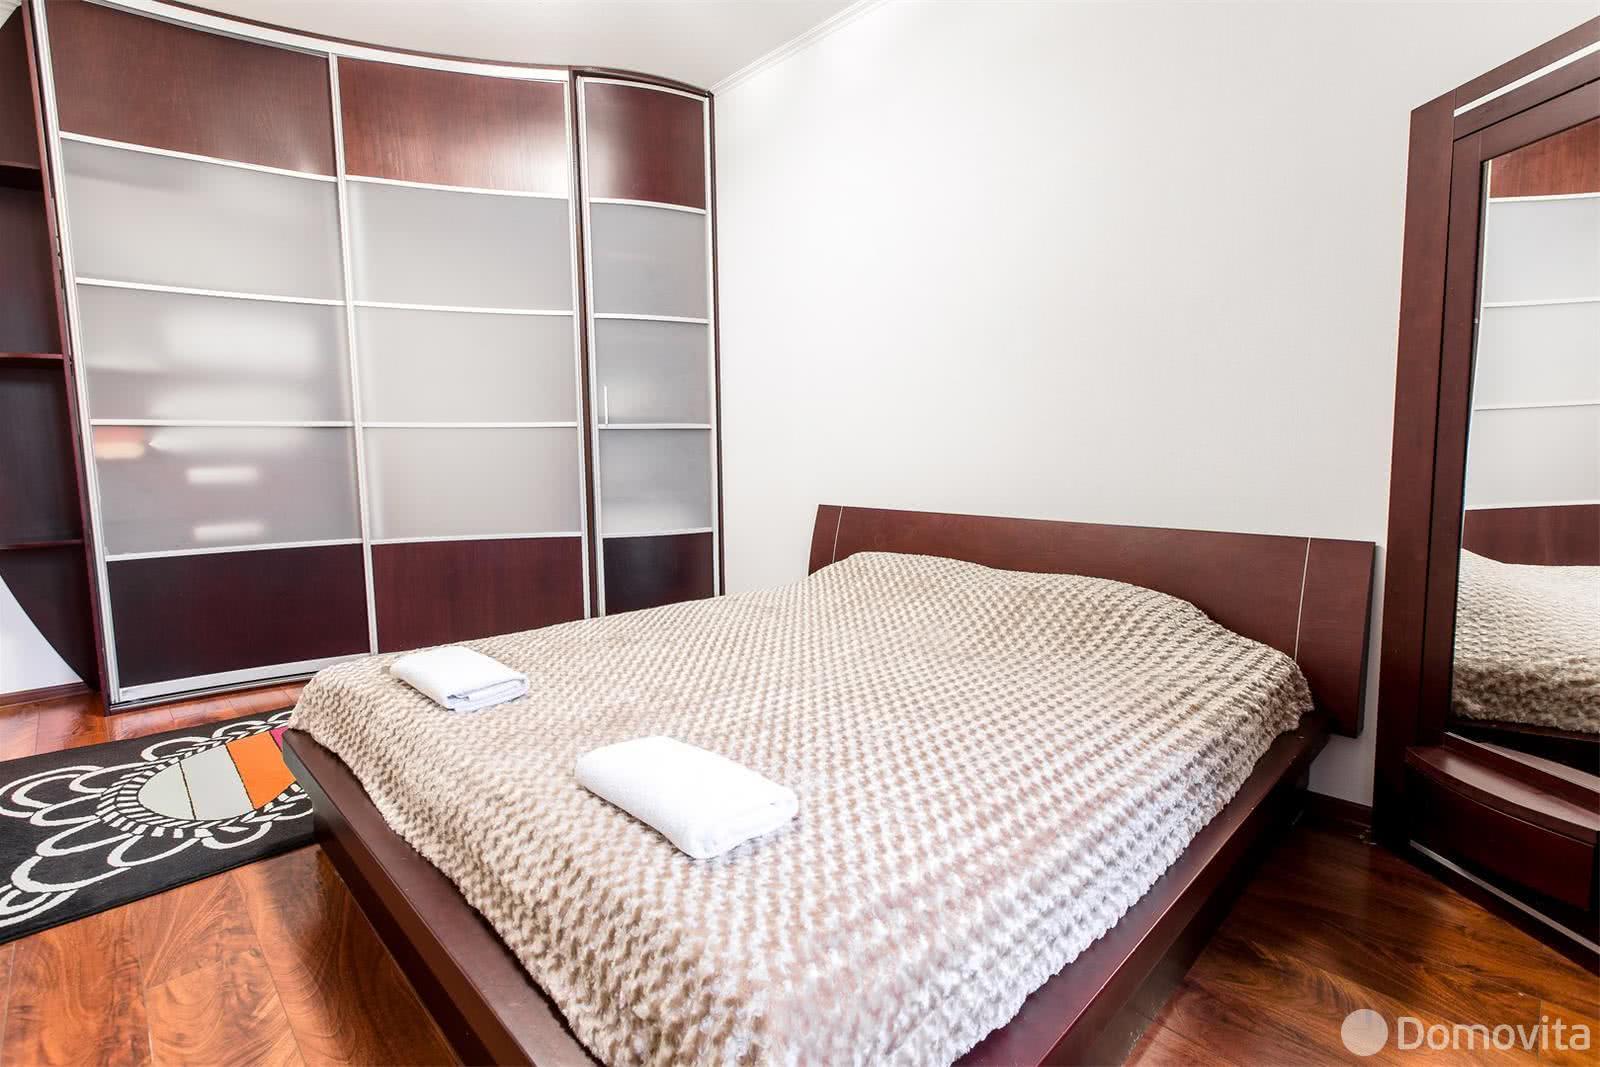 Аренда 2-комнатной квартиры на сутки в Минске ул. Свердлова, д. 19 - фото 2